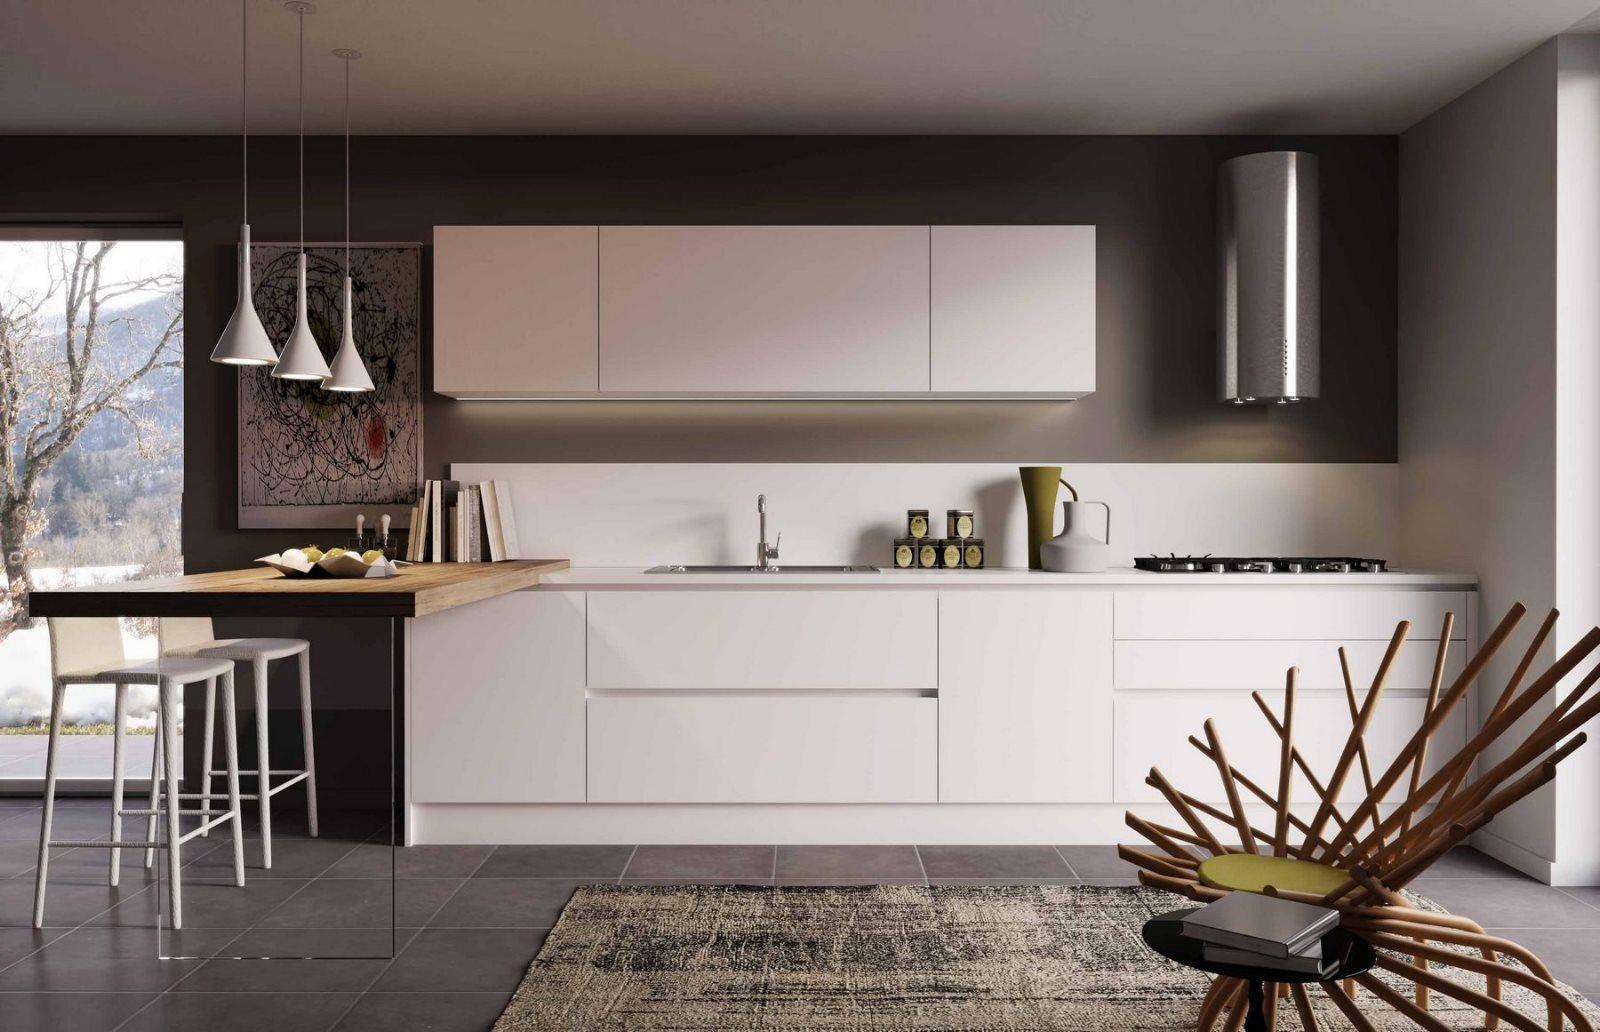 Le cucine collezione la casa moderna mariotti casa for La casa moderna